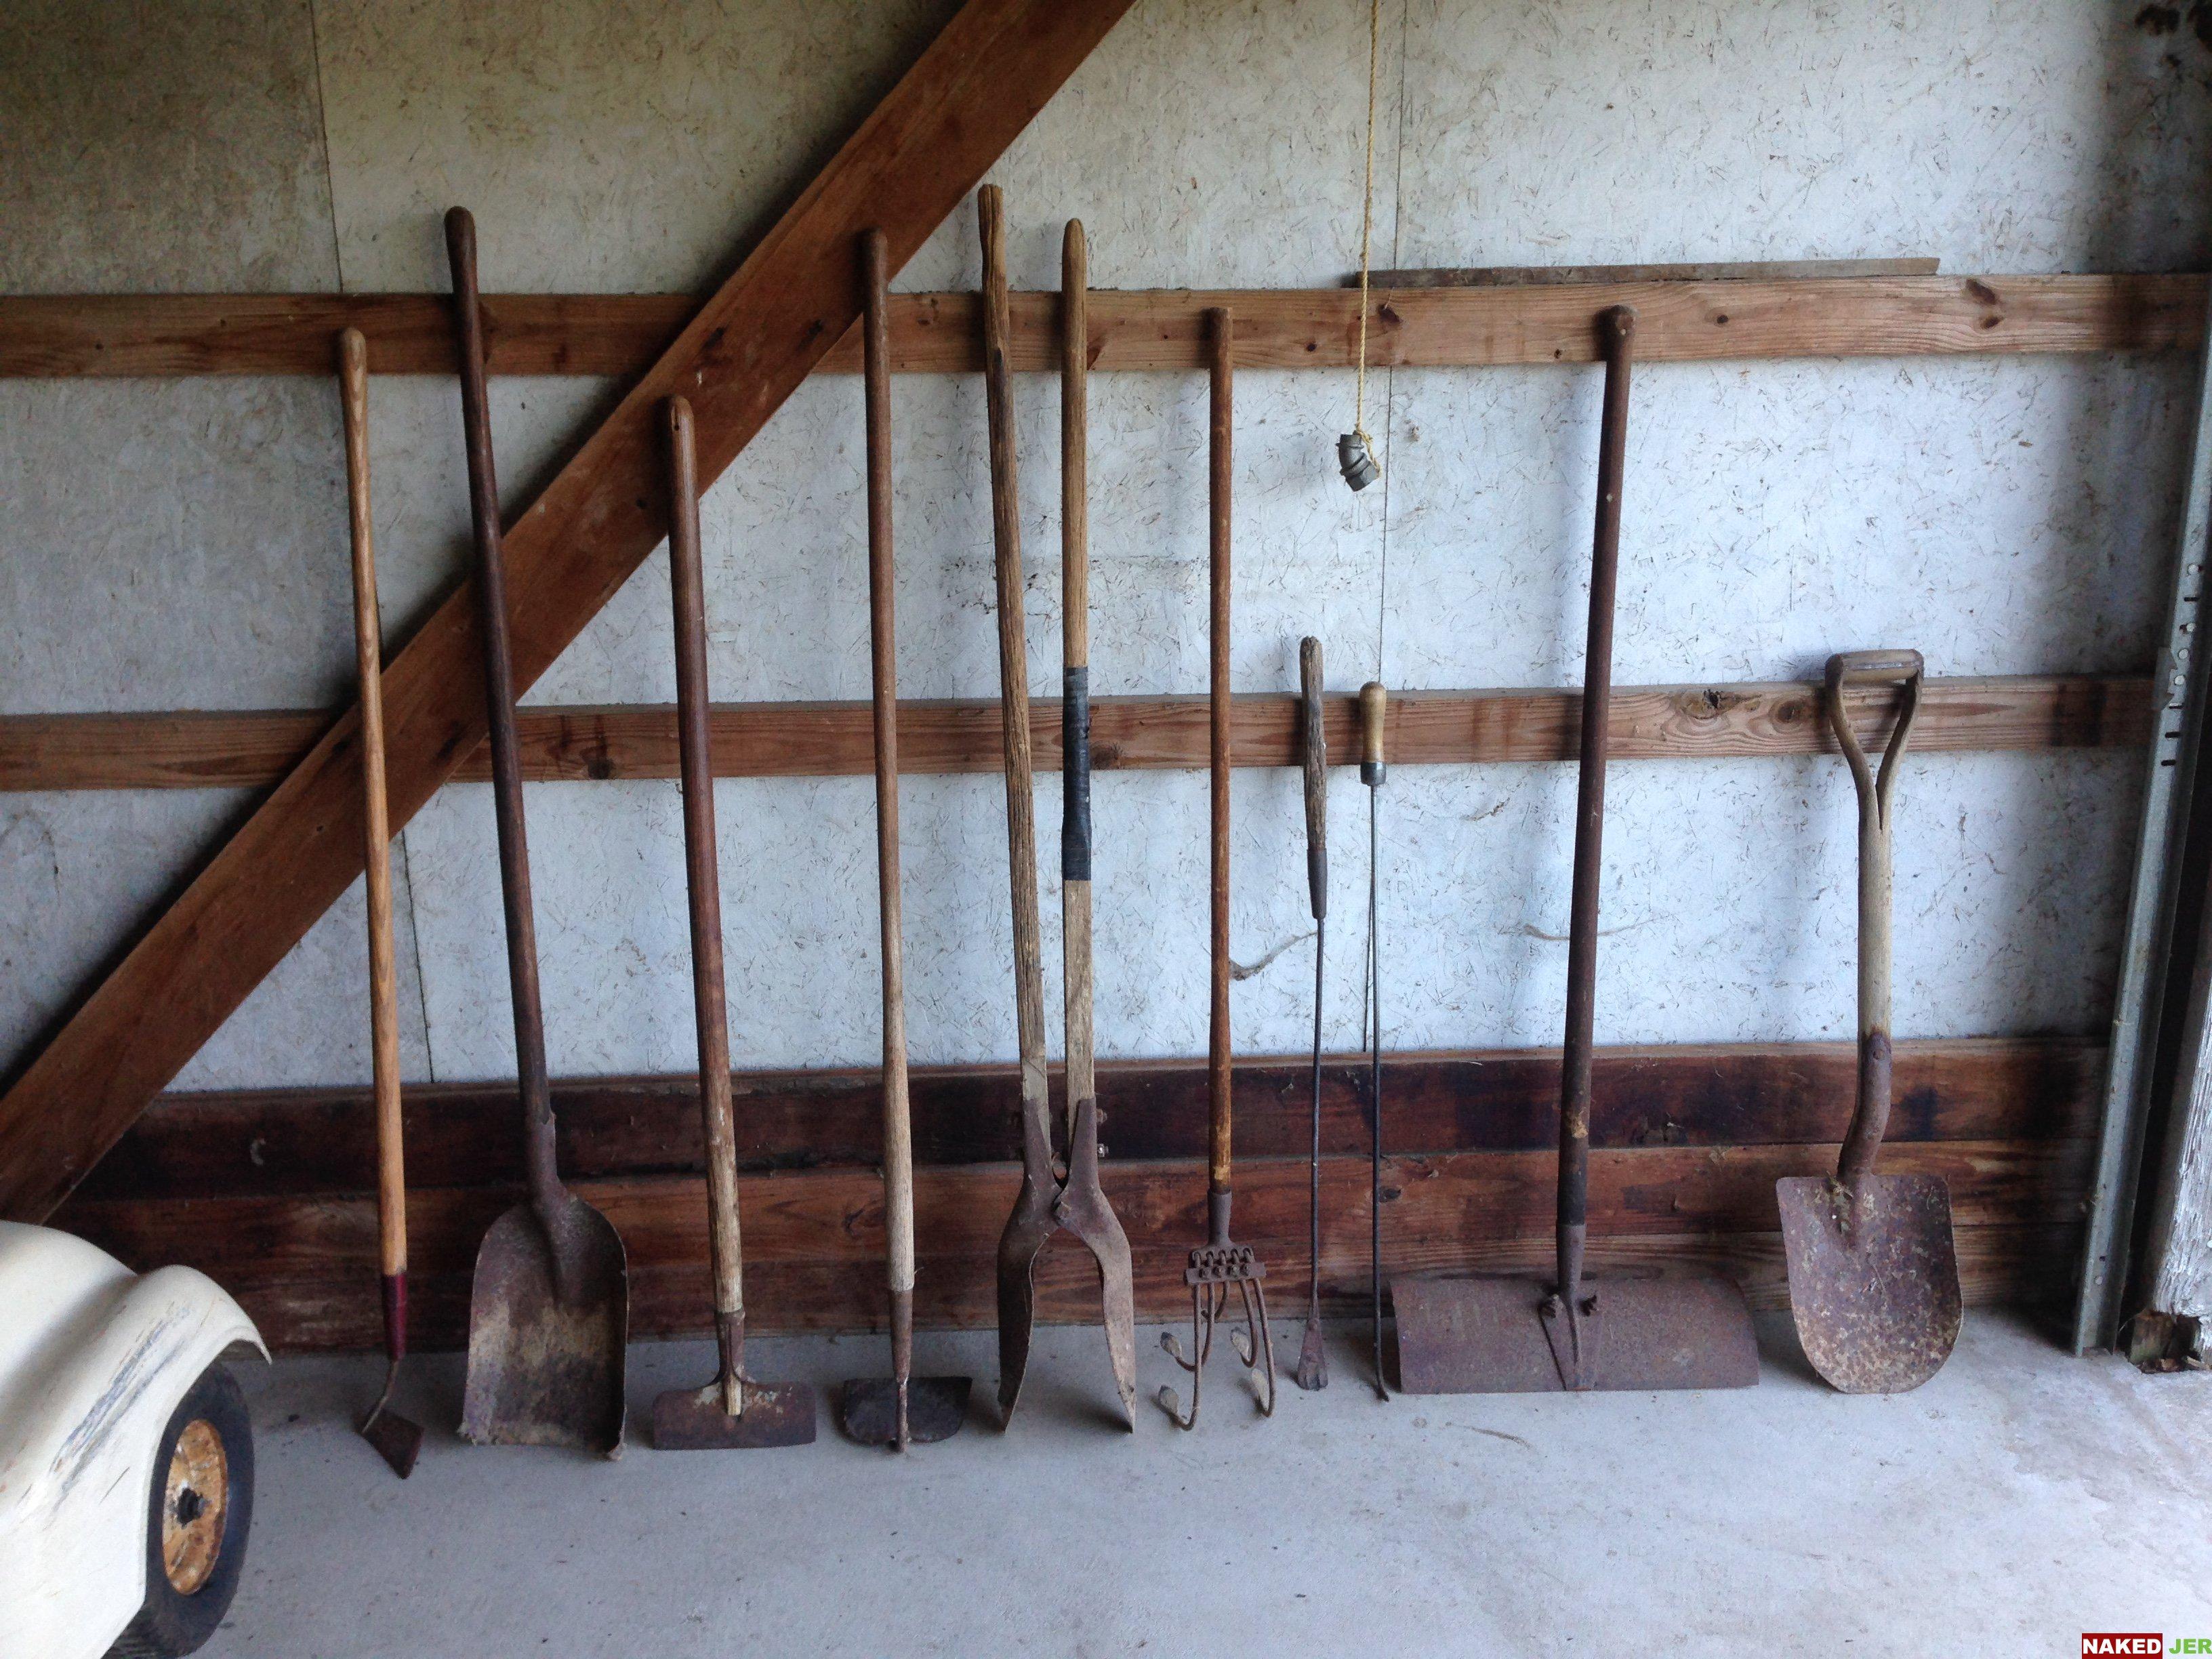 Assorted Vintage Garden Tools $2-$10